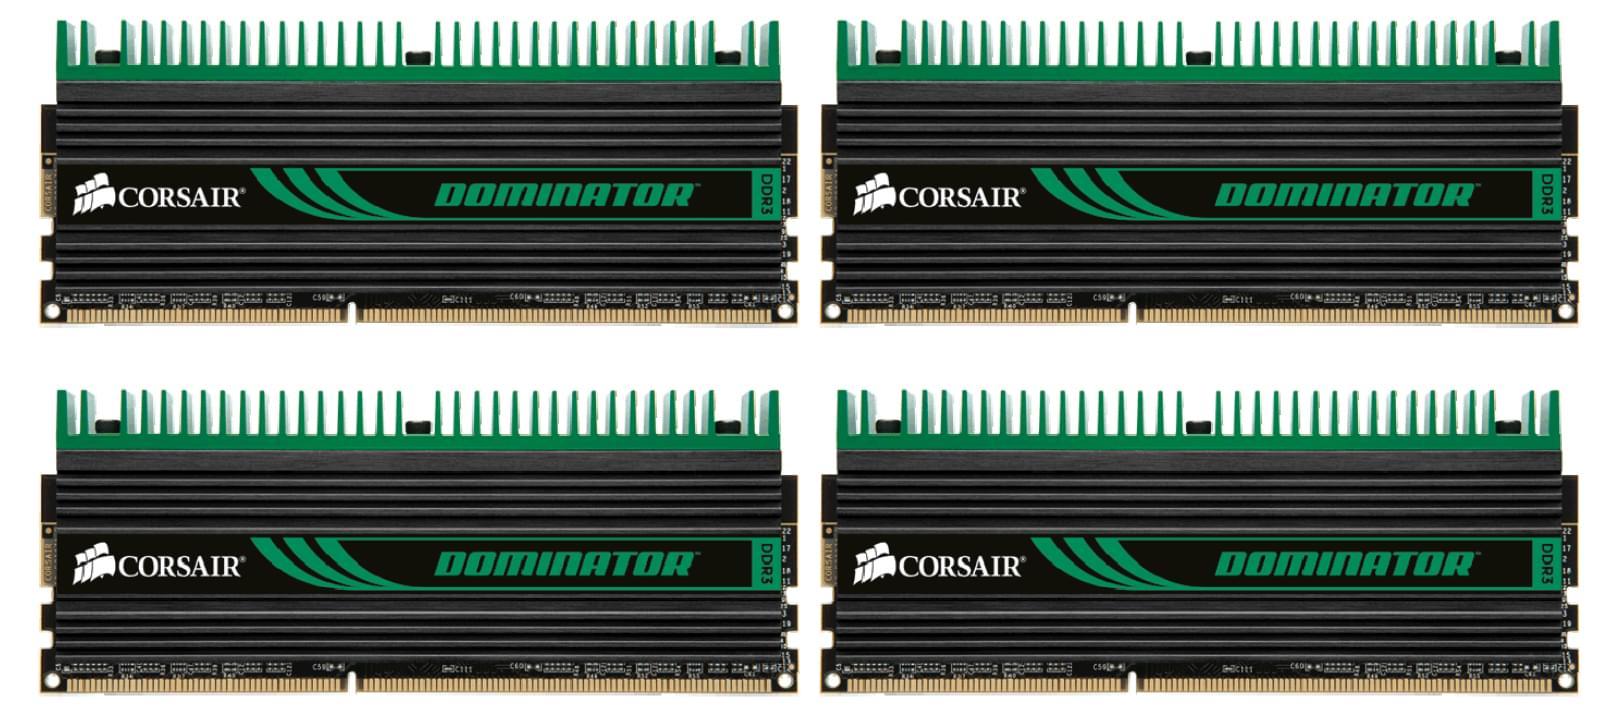 Corsair CMD8GX3M4A1333C7  8Go DDR3 1333MHz - Mémoire PC Corsair - 0